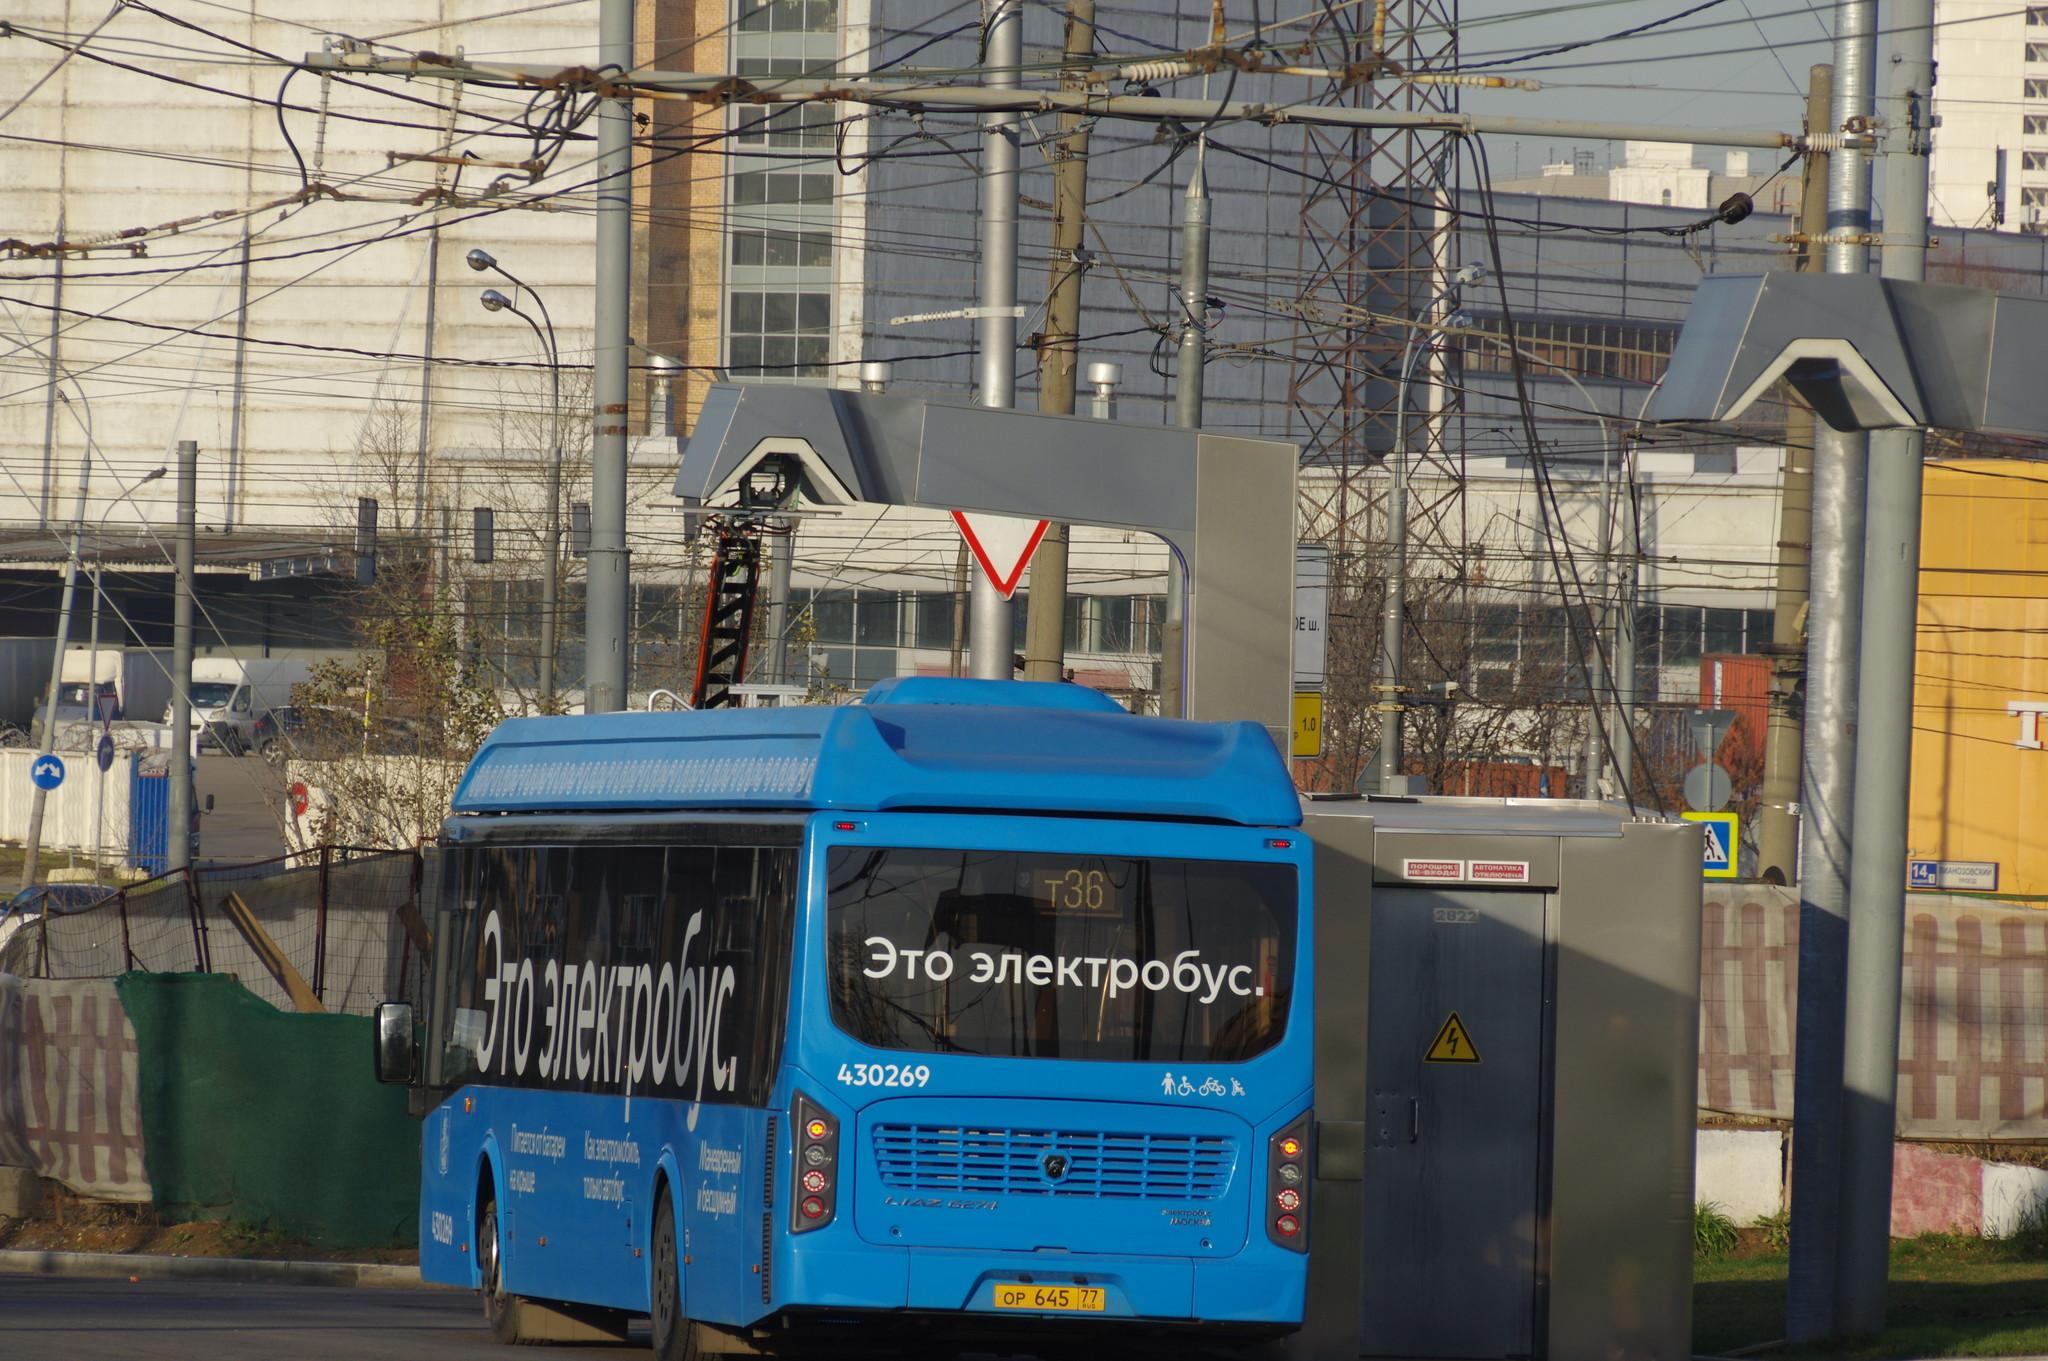 Электробус ЛиАЗ-6274 с б/н 430269 на маршруте № т36